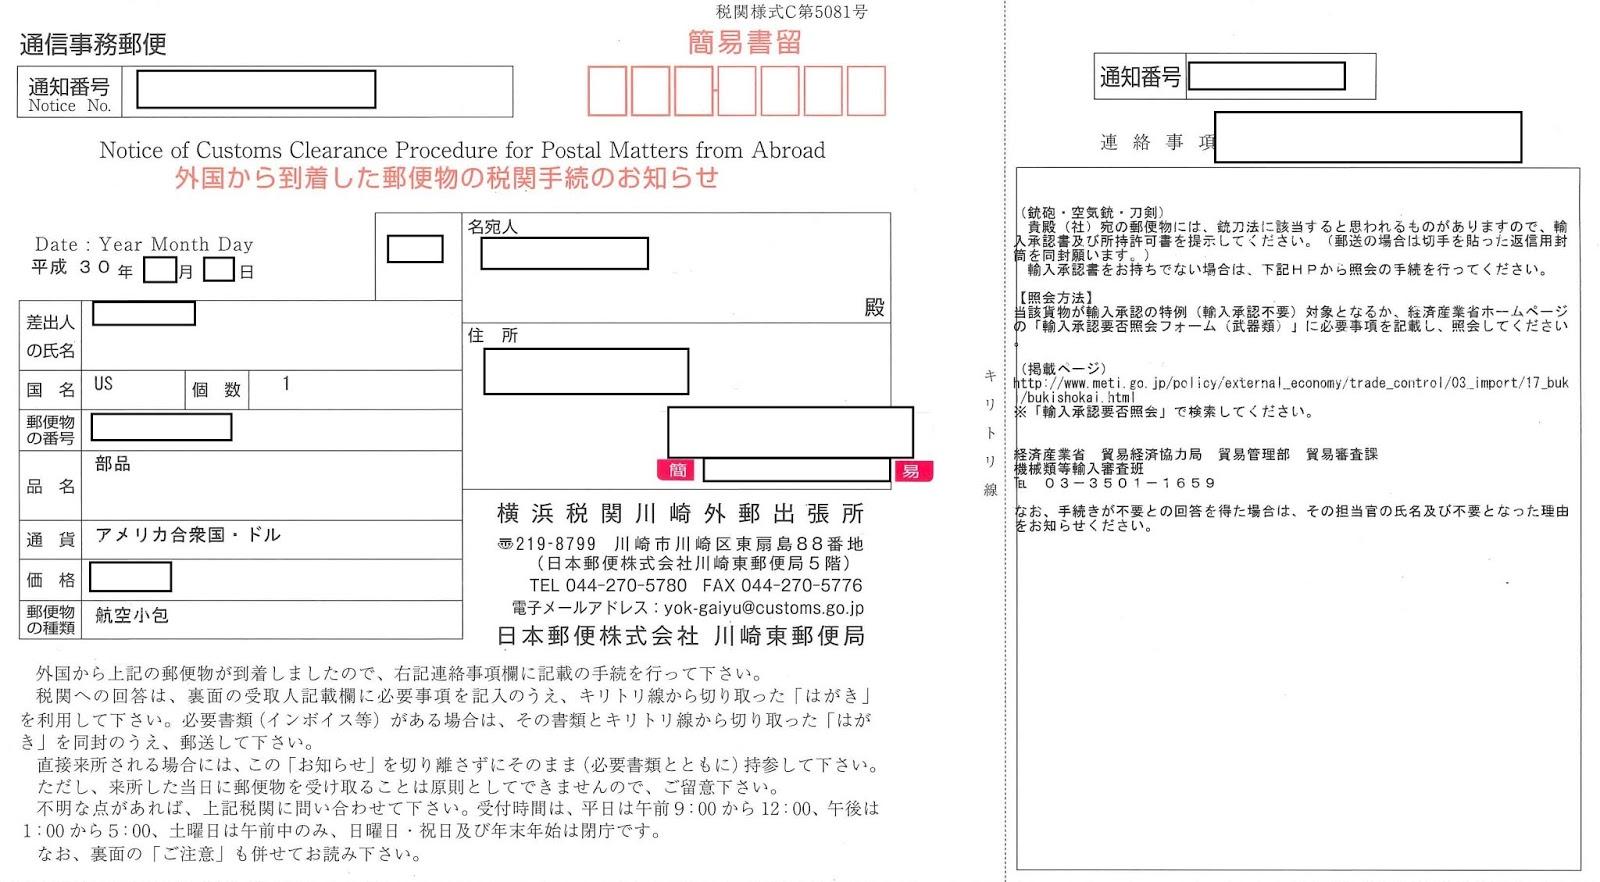 ホームページ 税関